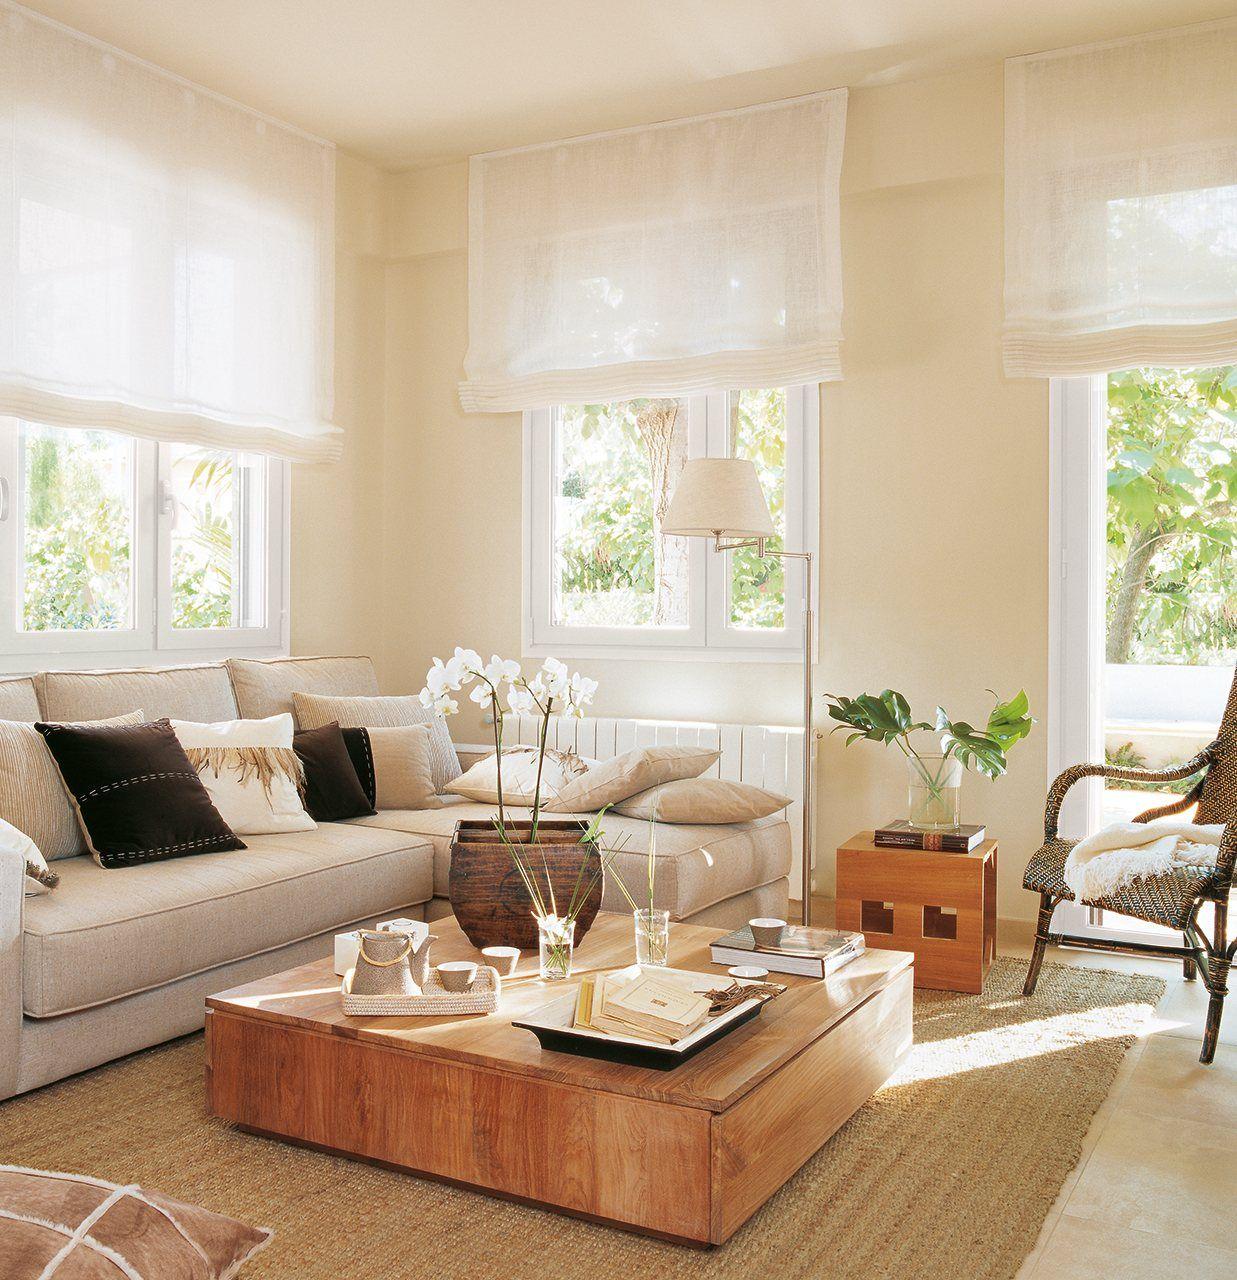 Especial 30 salones peque os y confortables elmueble - Salon comedor pequeno decoracion ...